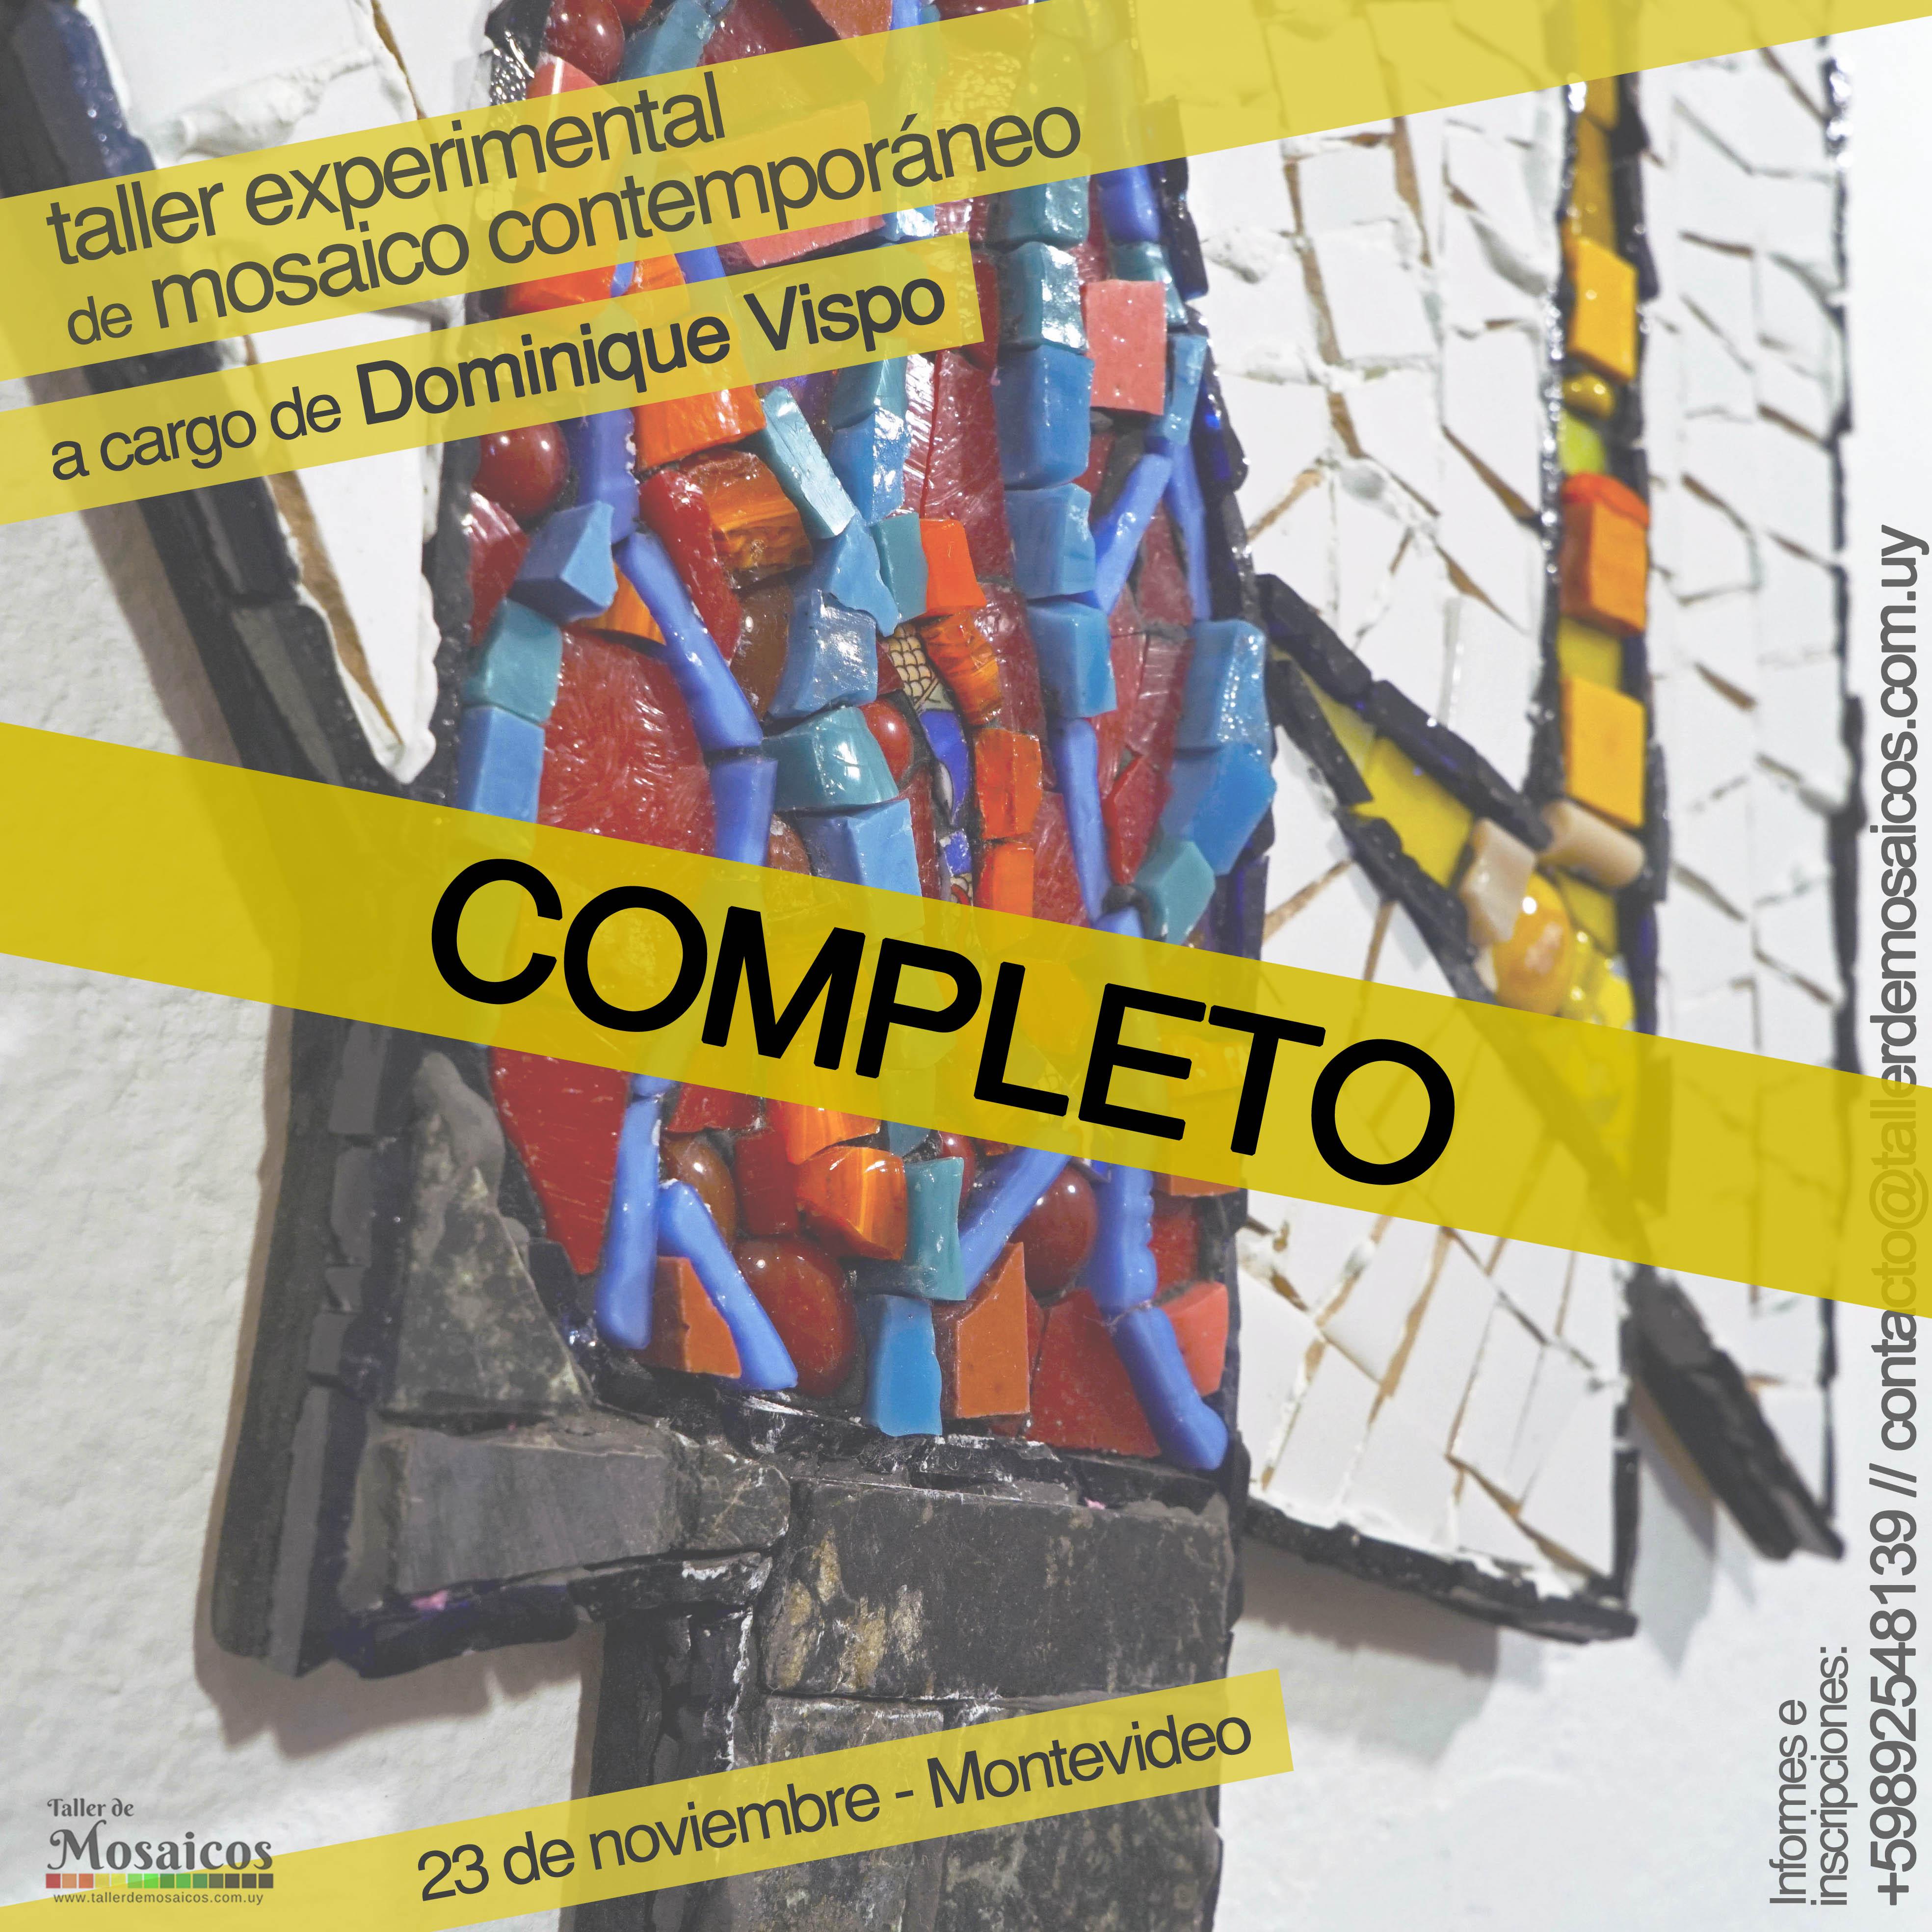 Mosaico Contemporáneo Uruguay